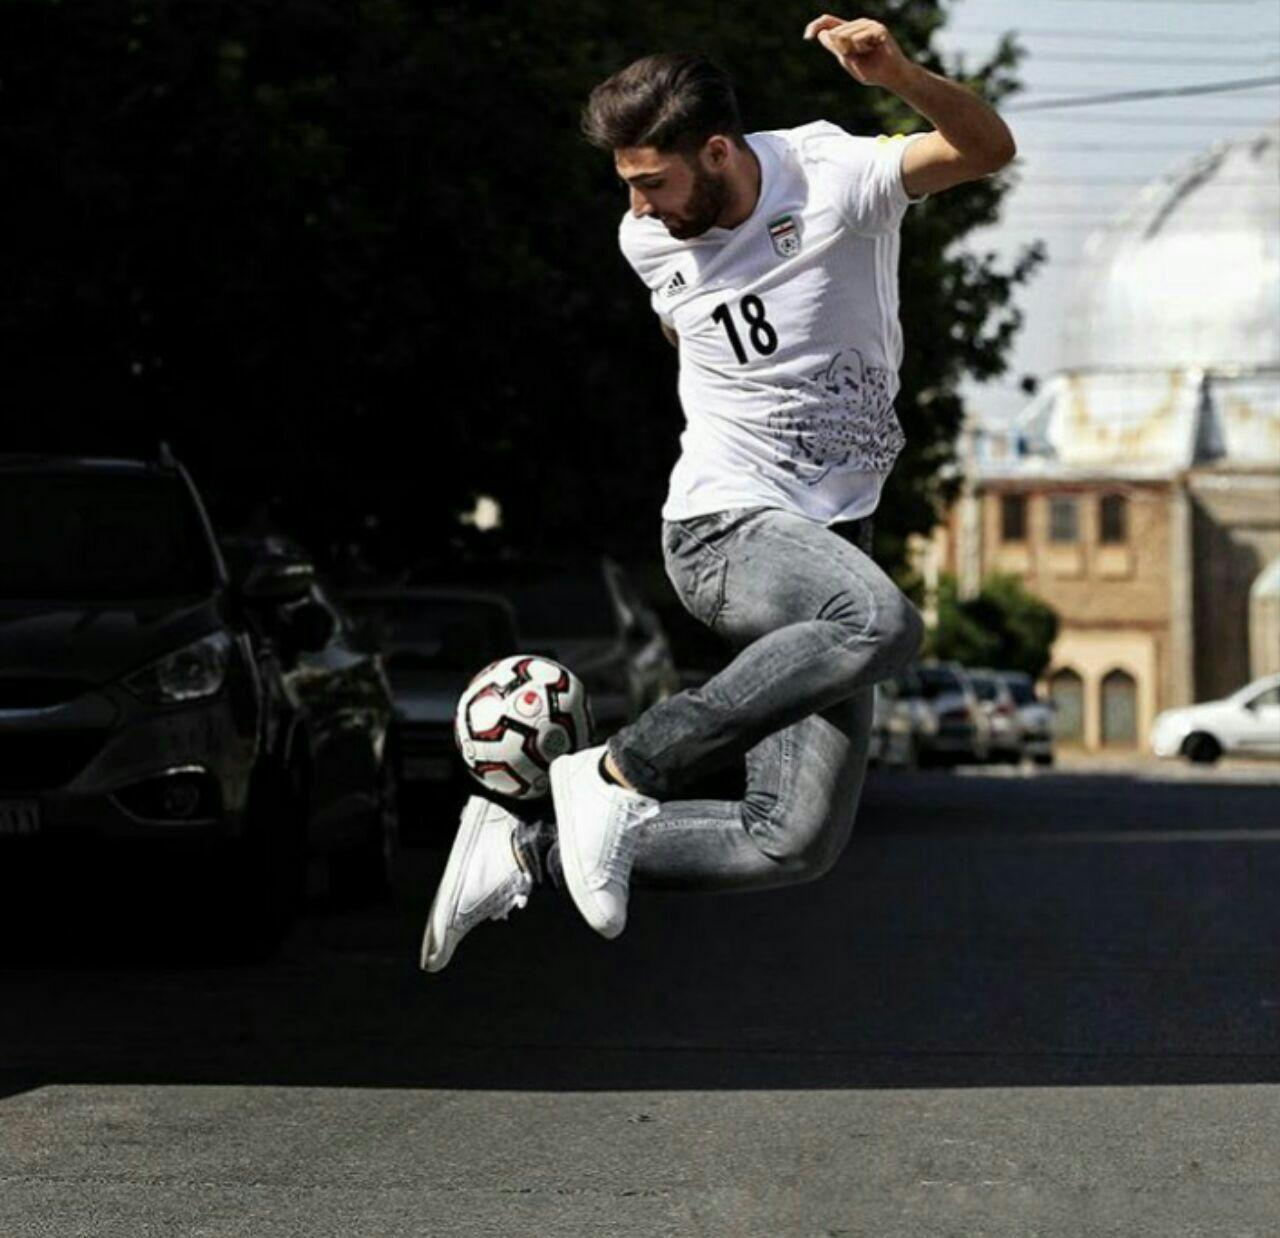 علیرضا جهانبخش و فوتبال خیابانی